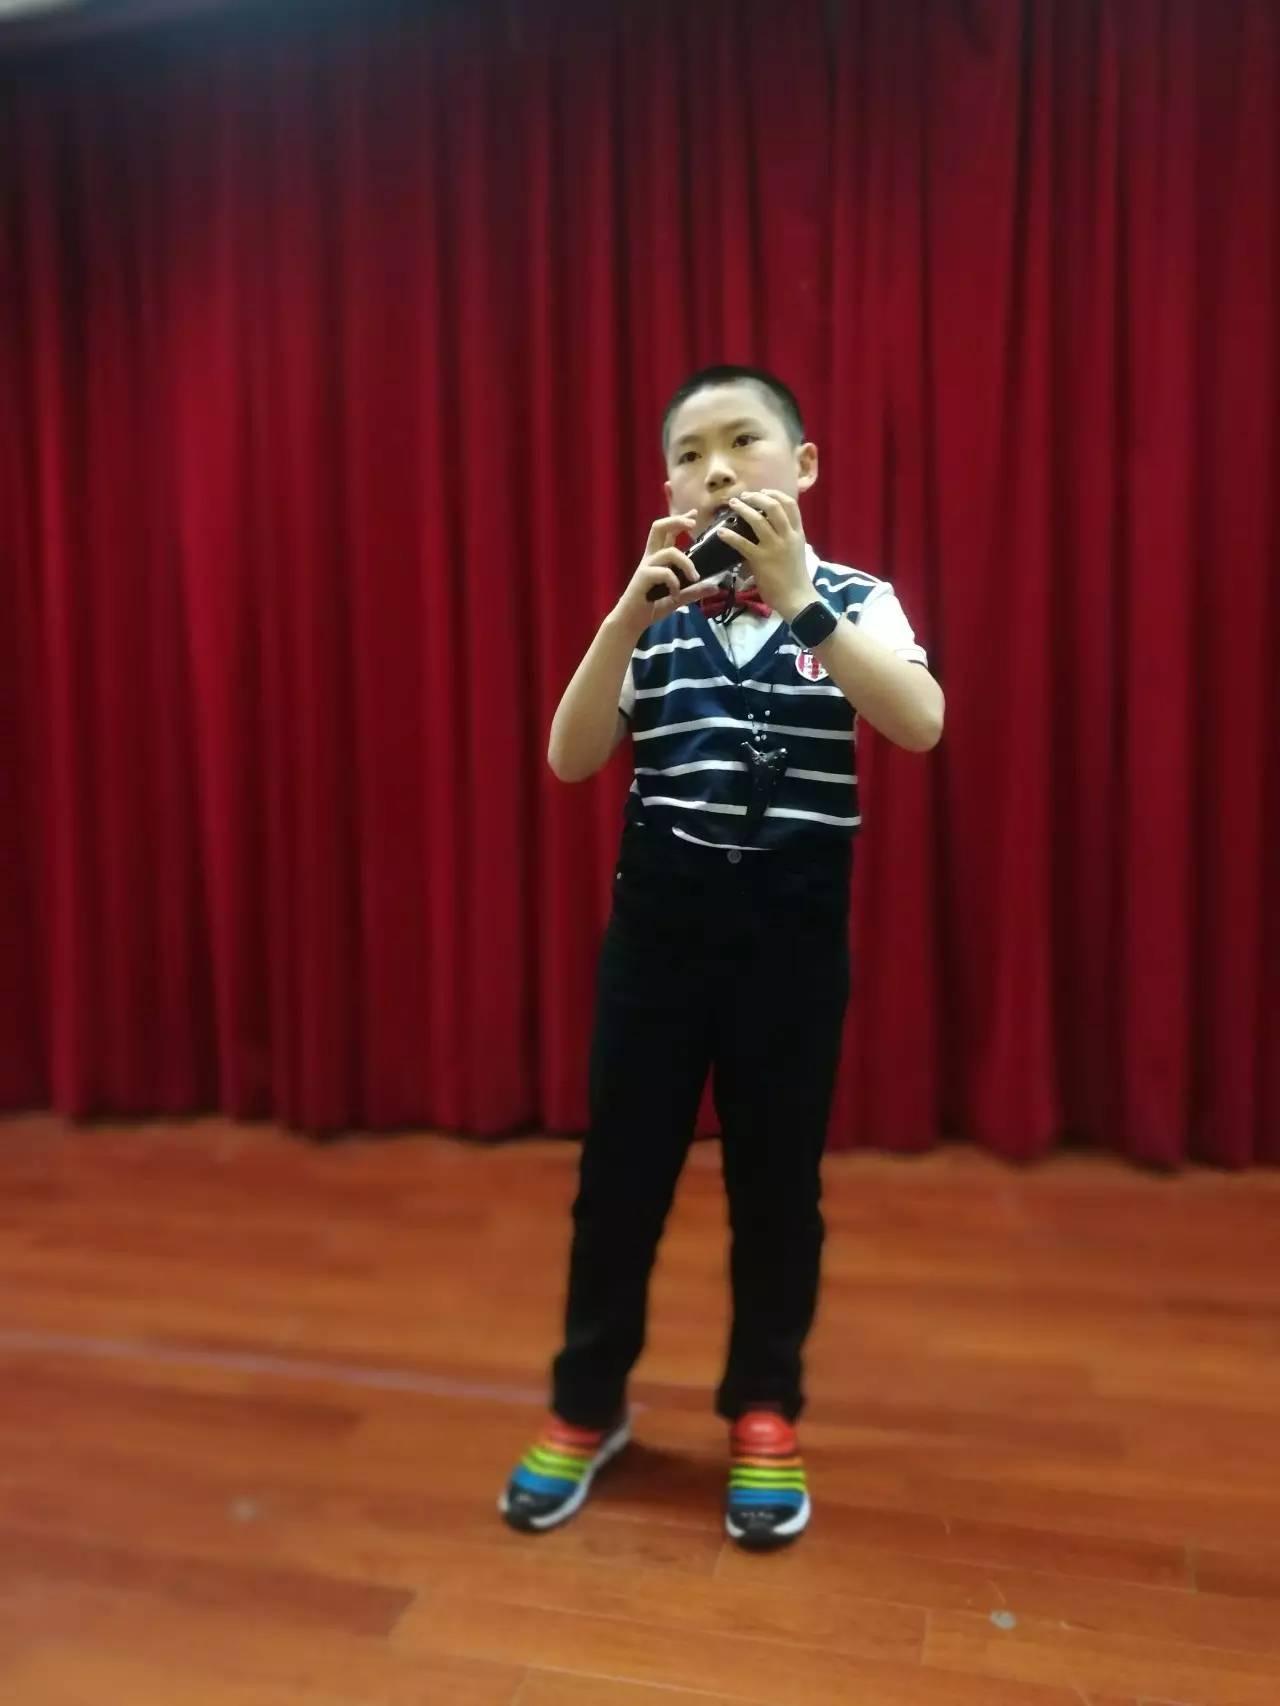 妤的小提琴曲《茉莉花》同台演绎 最小的团员林辰旭带来的陶笛独奏